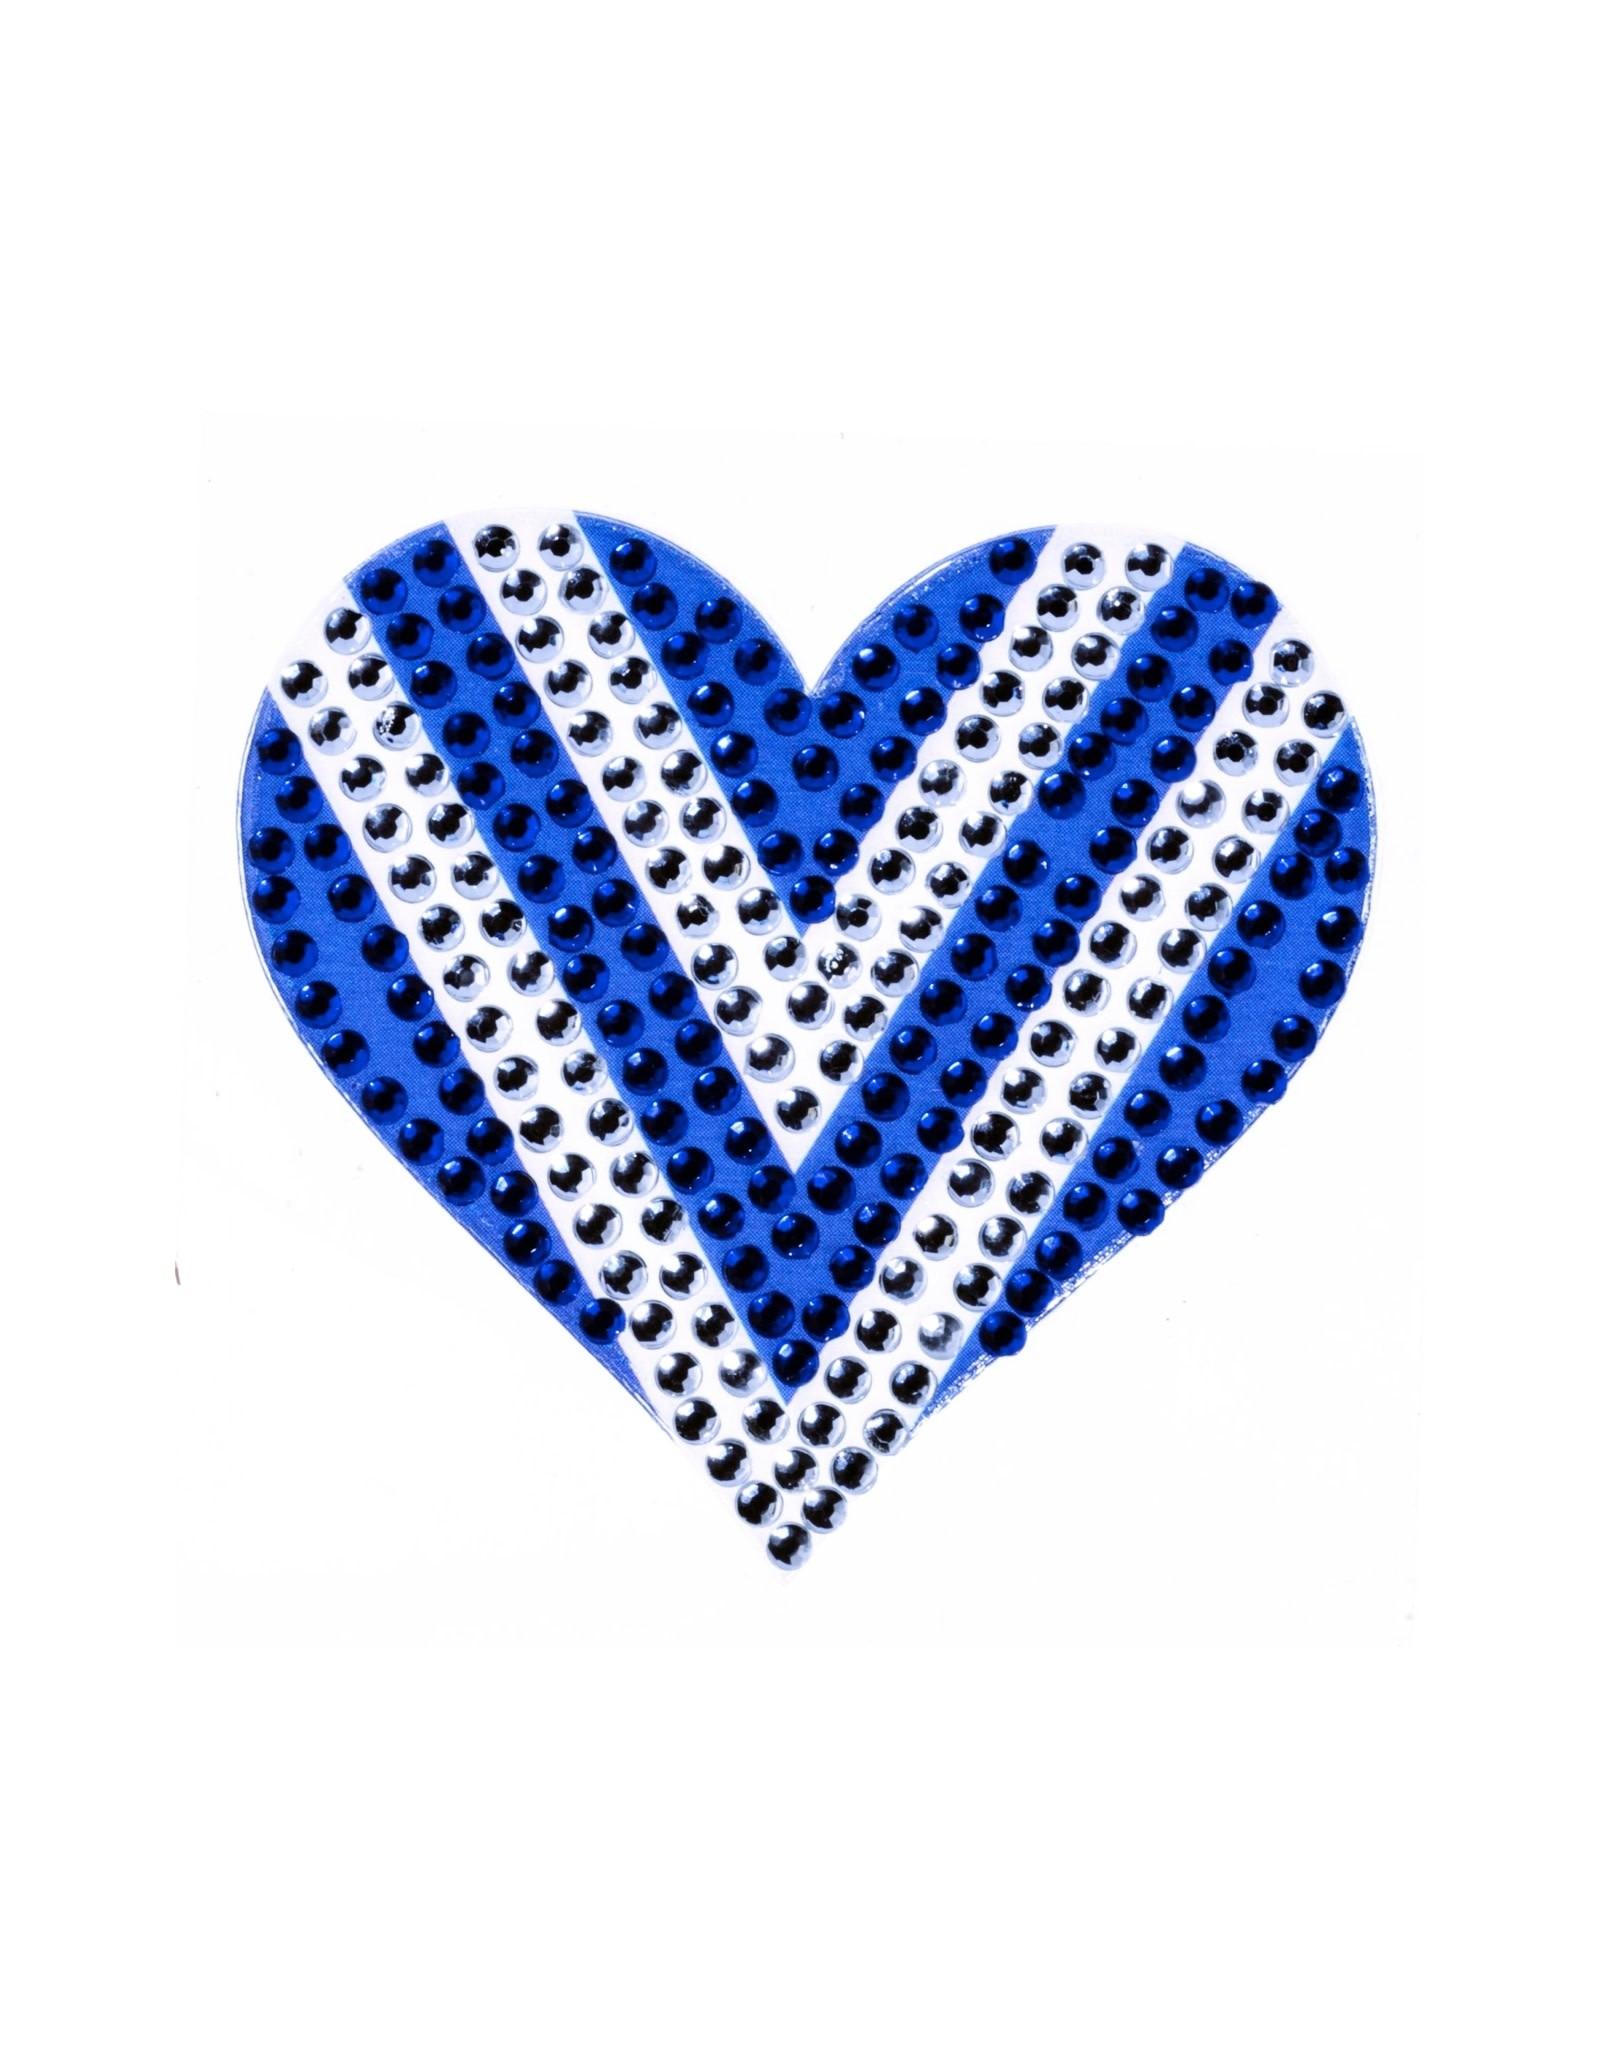 Sticker Beans Blue & White Heart